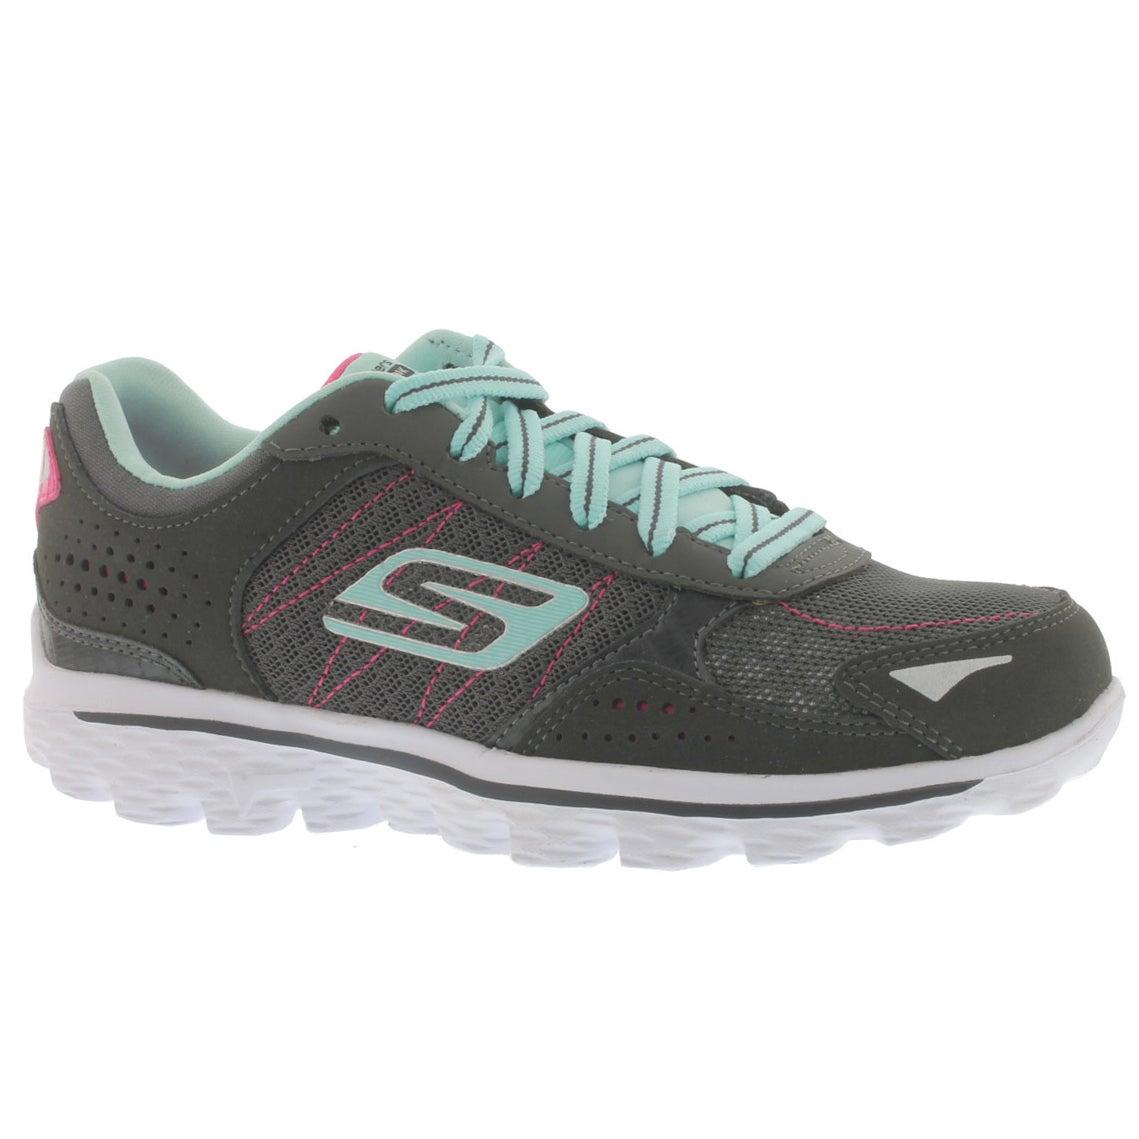 Grls GOwalk 2 Flash char lace up sneaker